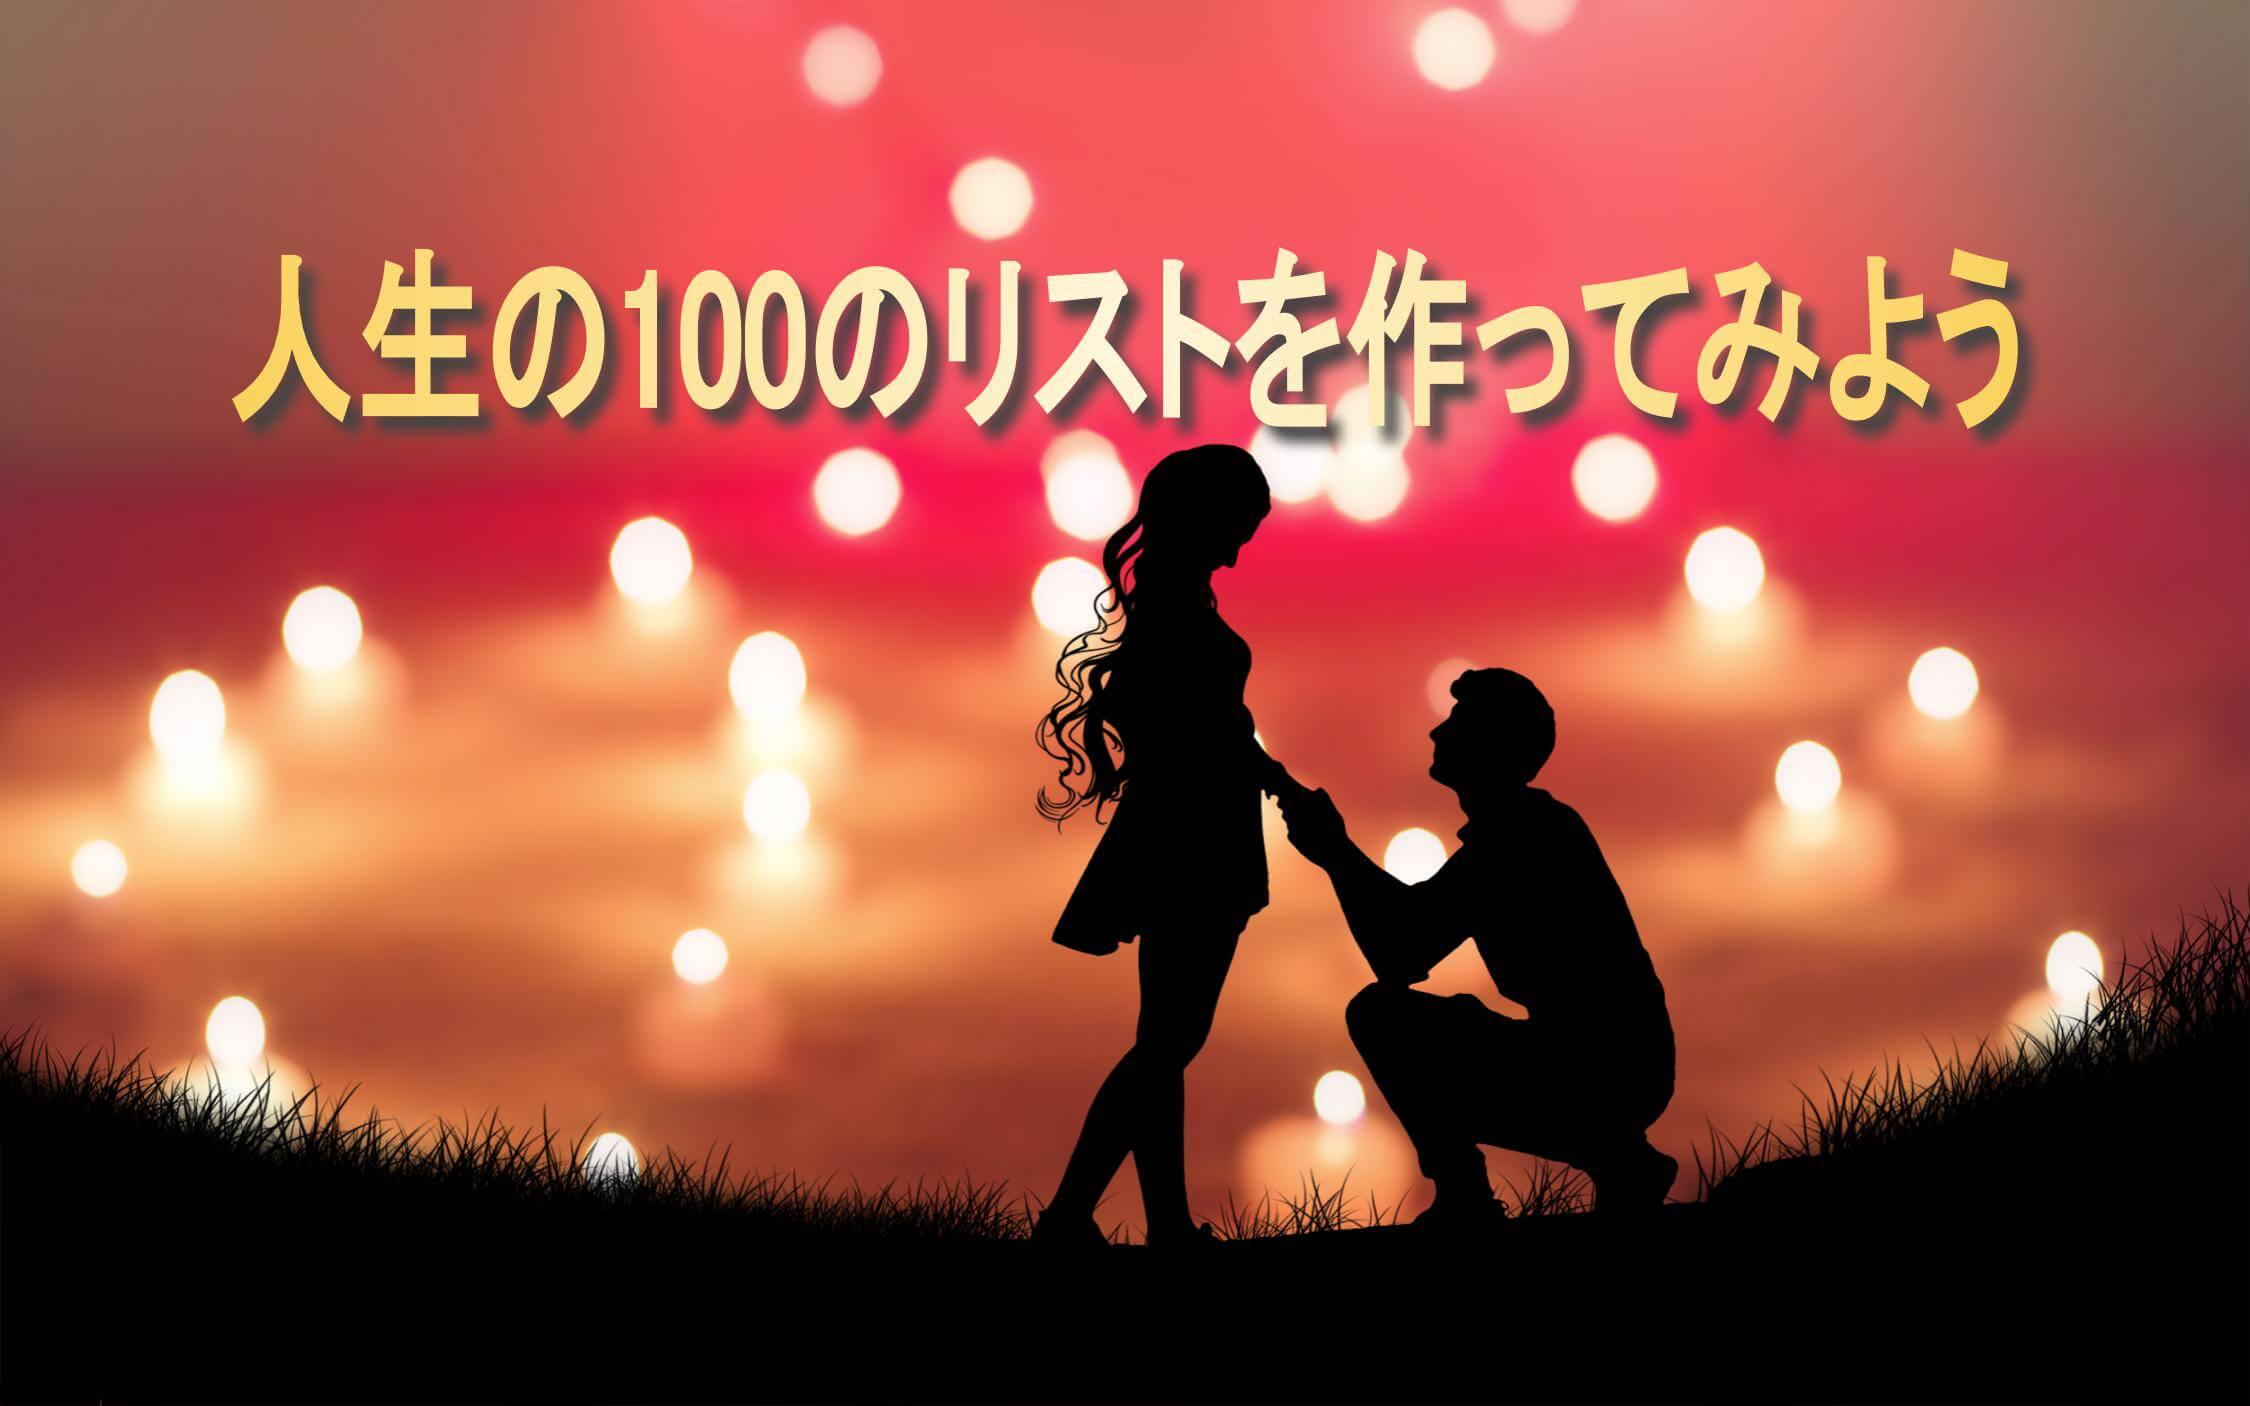 プロポーズする男性と受け止める女性 「人生の100のリストを作ってみよう」